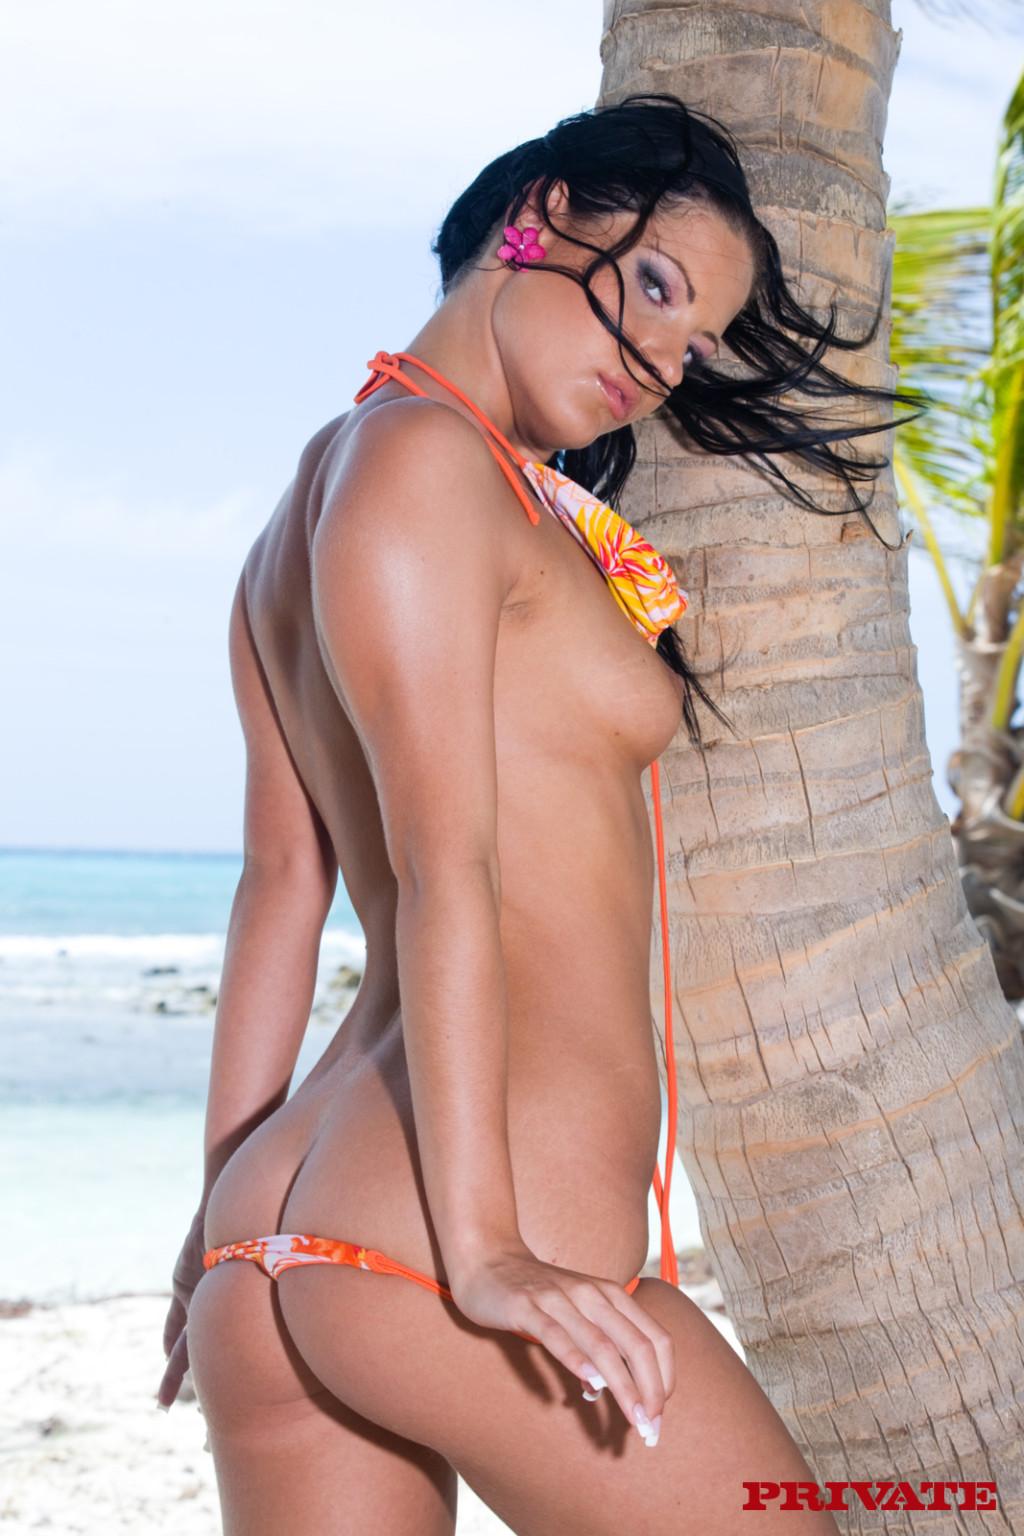 Четыре голые девки под пальмами на пляже